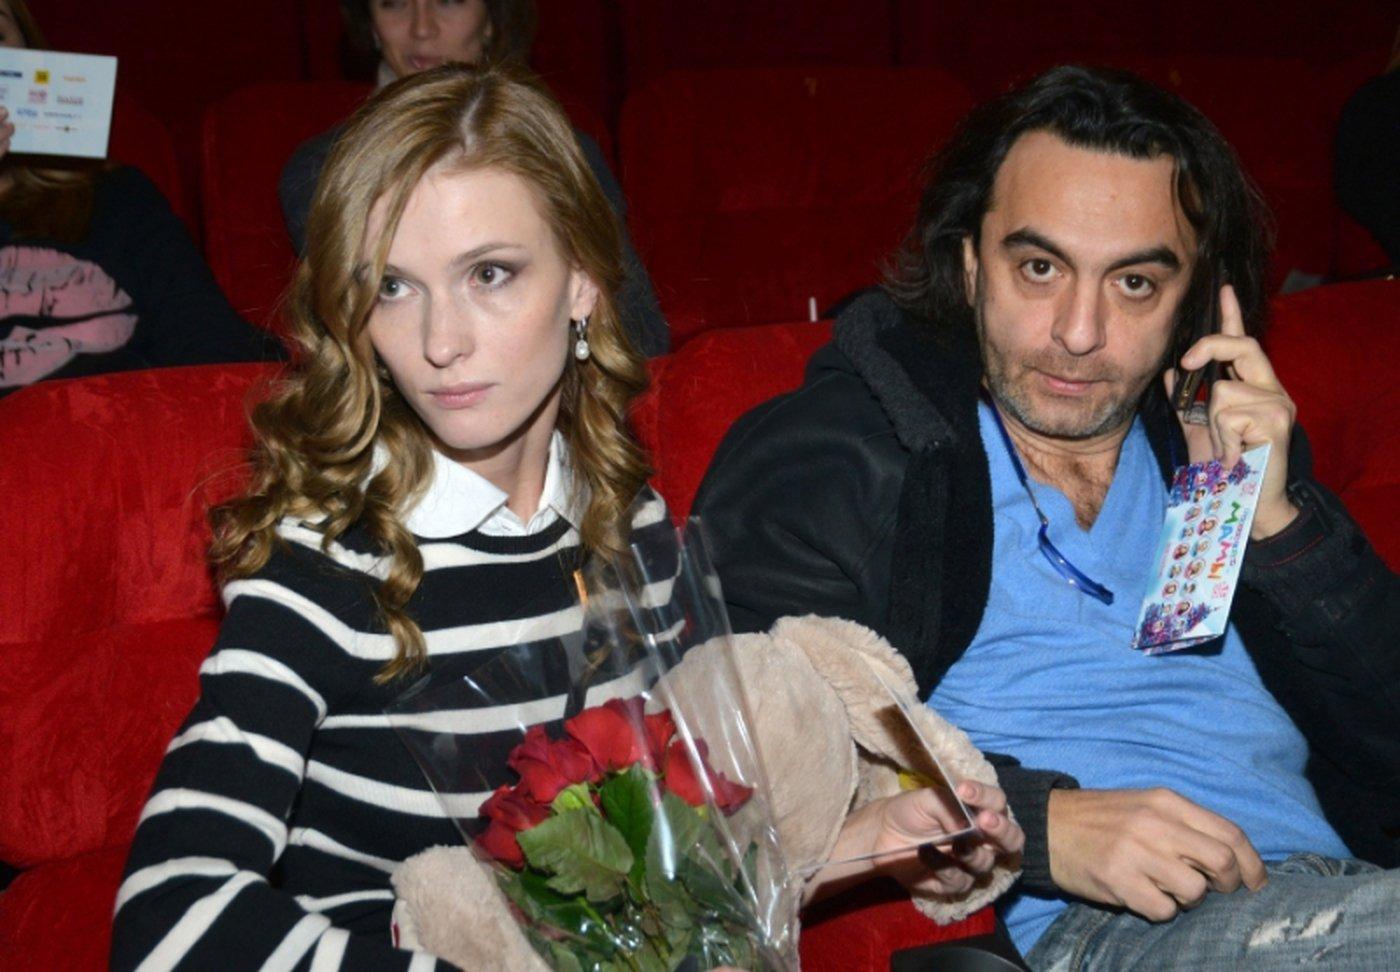 Звезда сериала «Тест на беременность» уезжает в Израиль из-за важных перемен в личной жизни